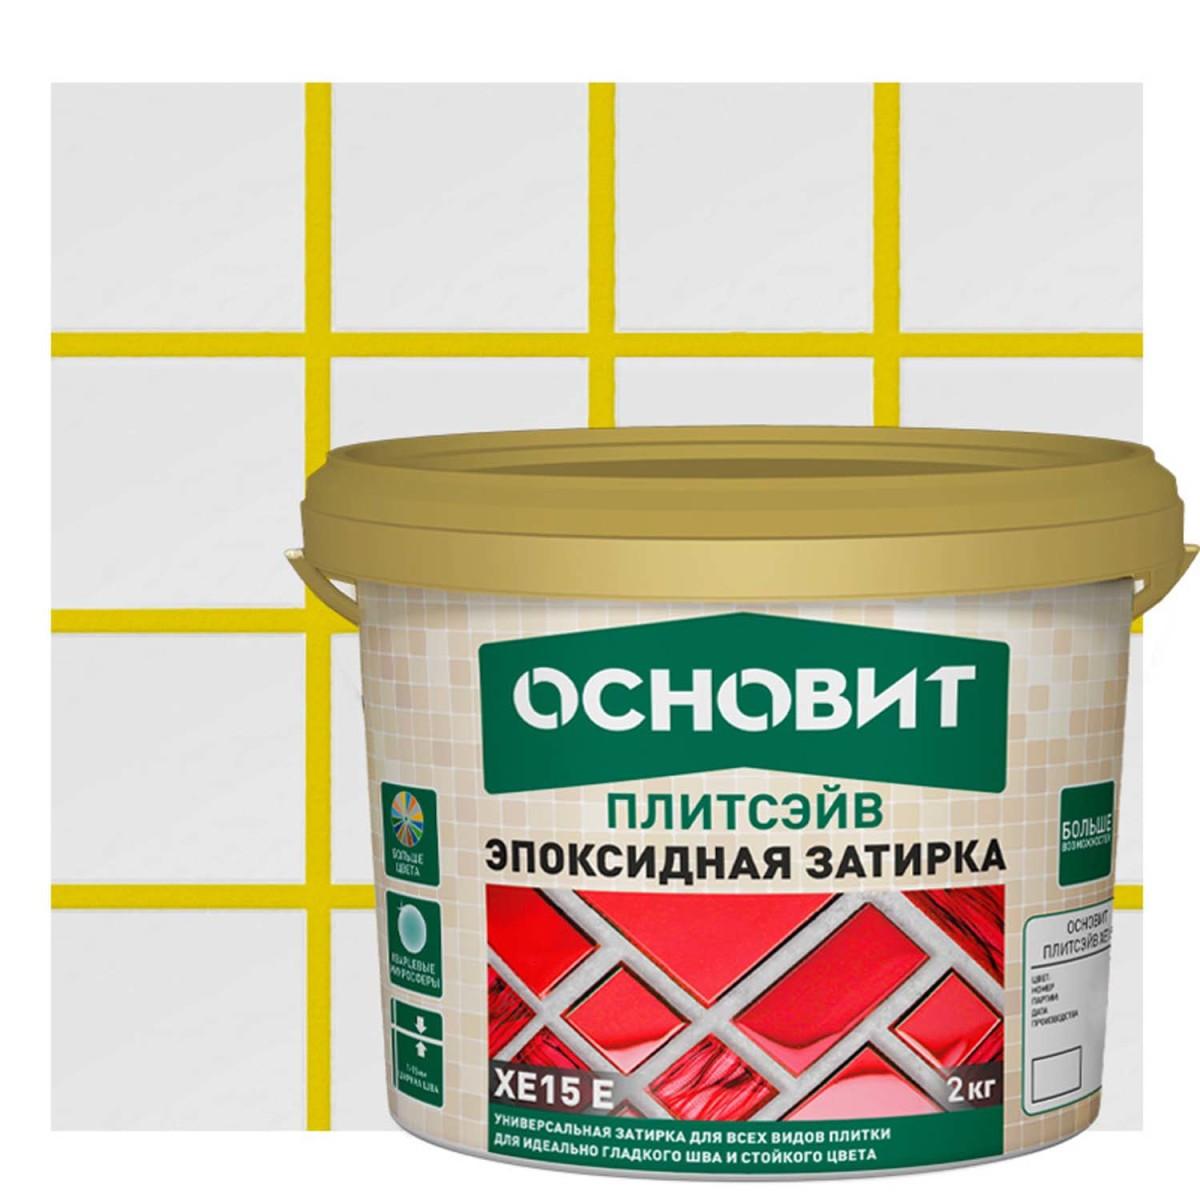 Затирка эпоксидная Основит Плитсэйв цвет охра 2 кг